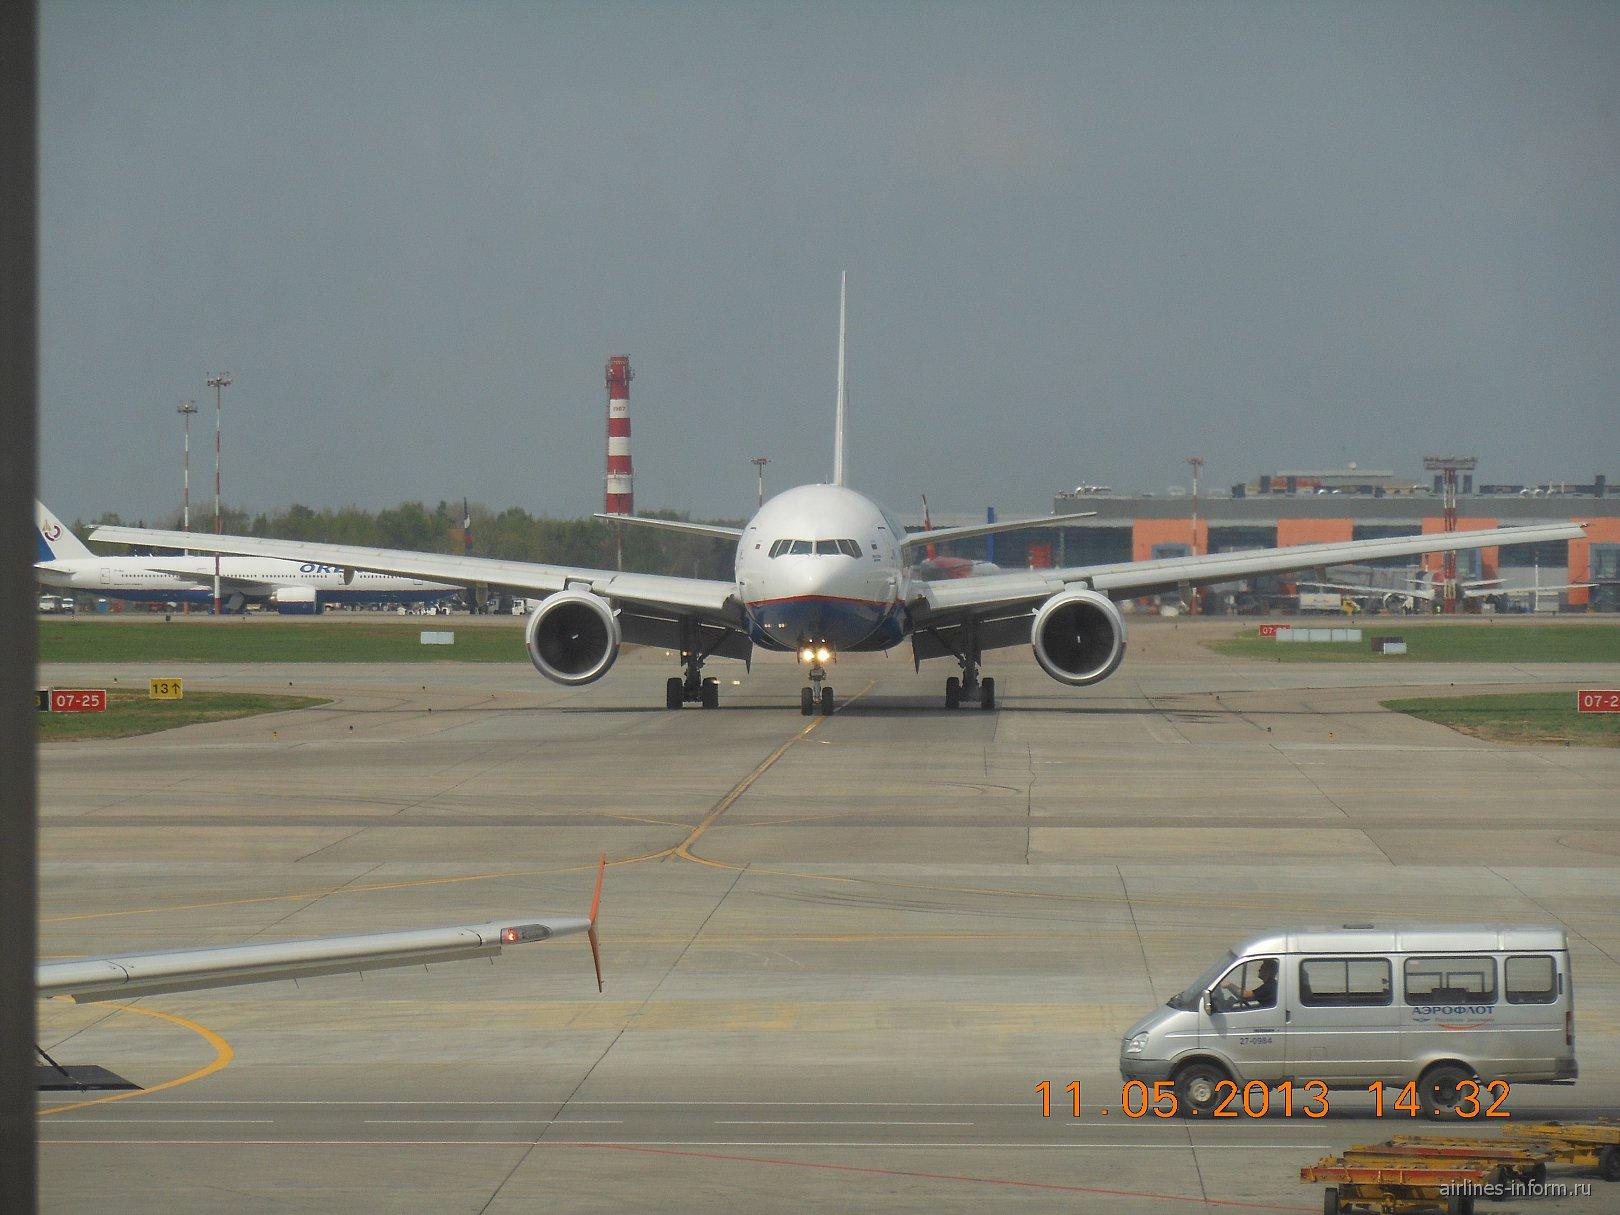 Б-777-200 Оренбург